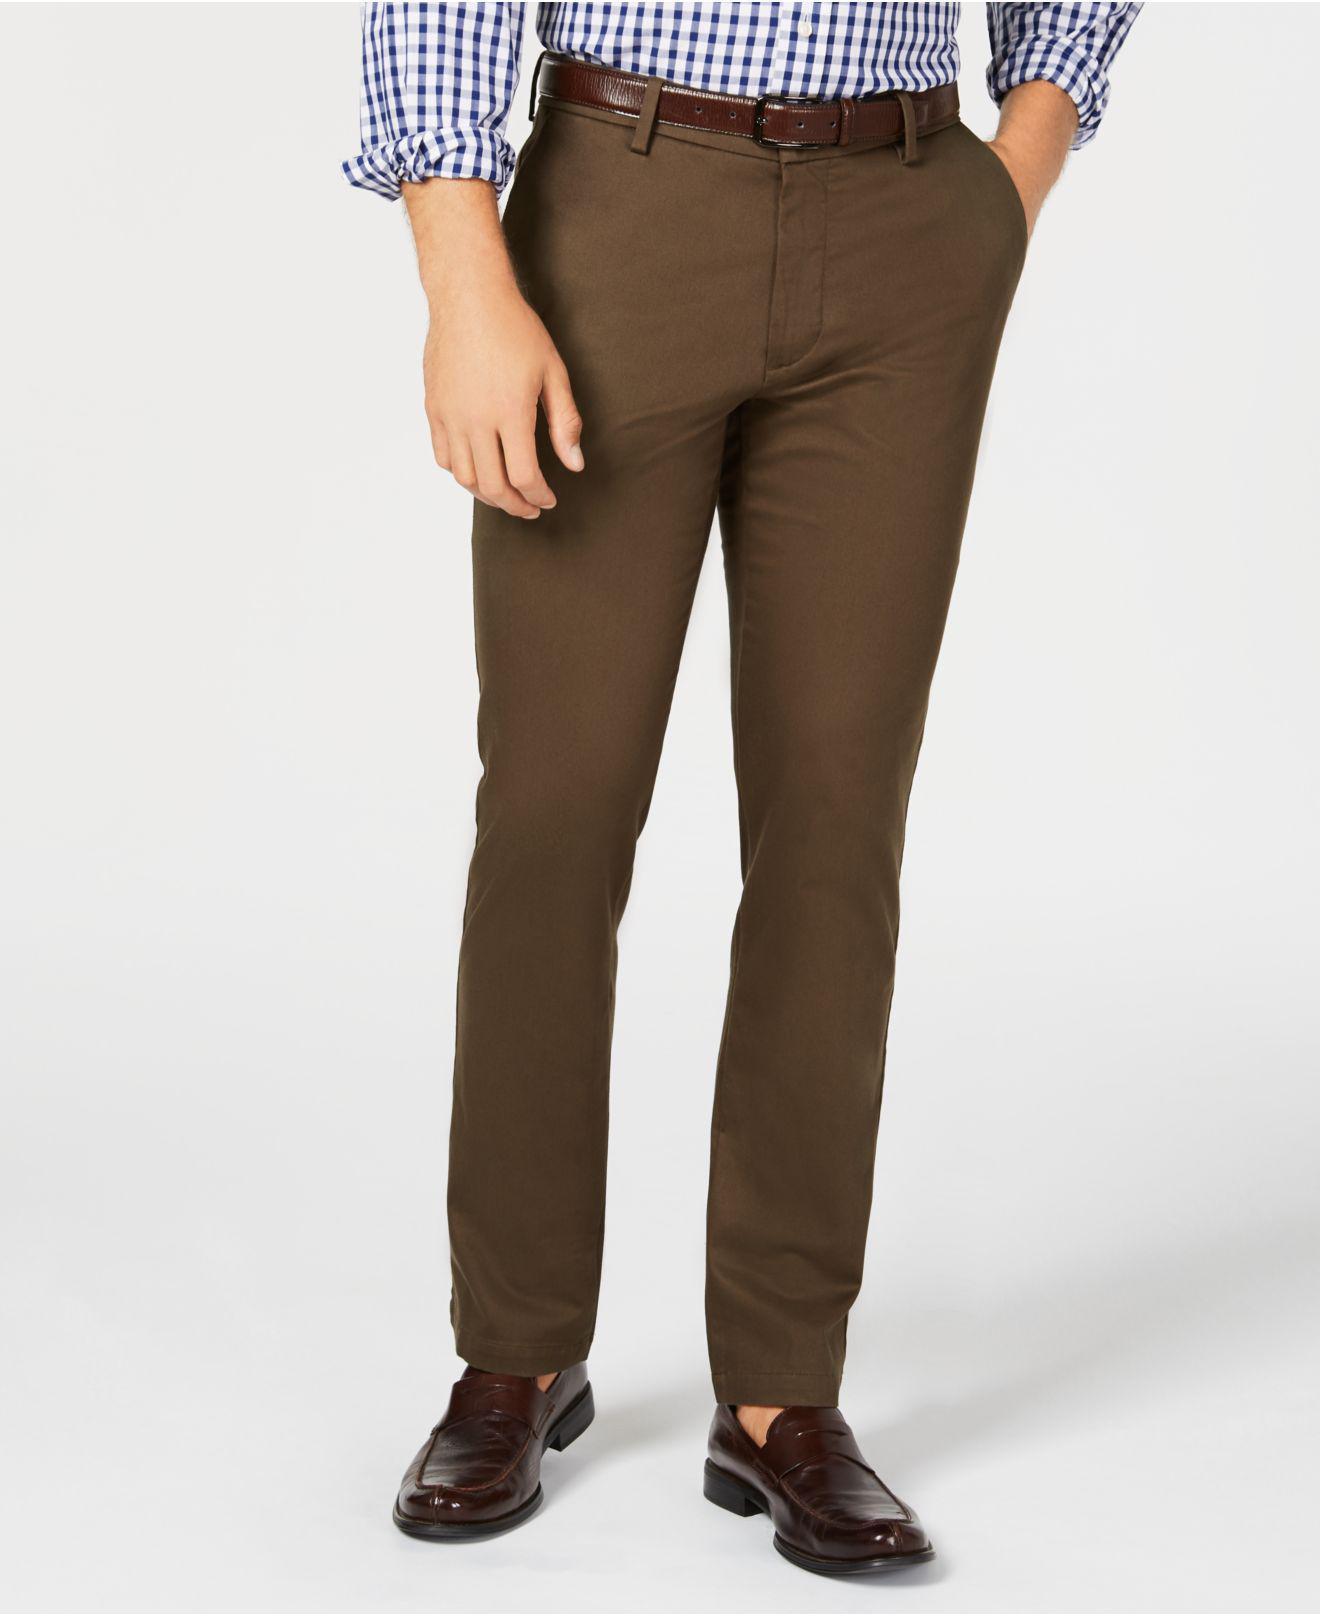 838765e286c5d3 Lyst - Dockers Signature Lux Cotton Slim Fit Stretch Khaki Pants in ...